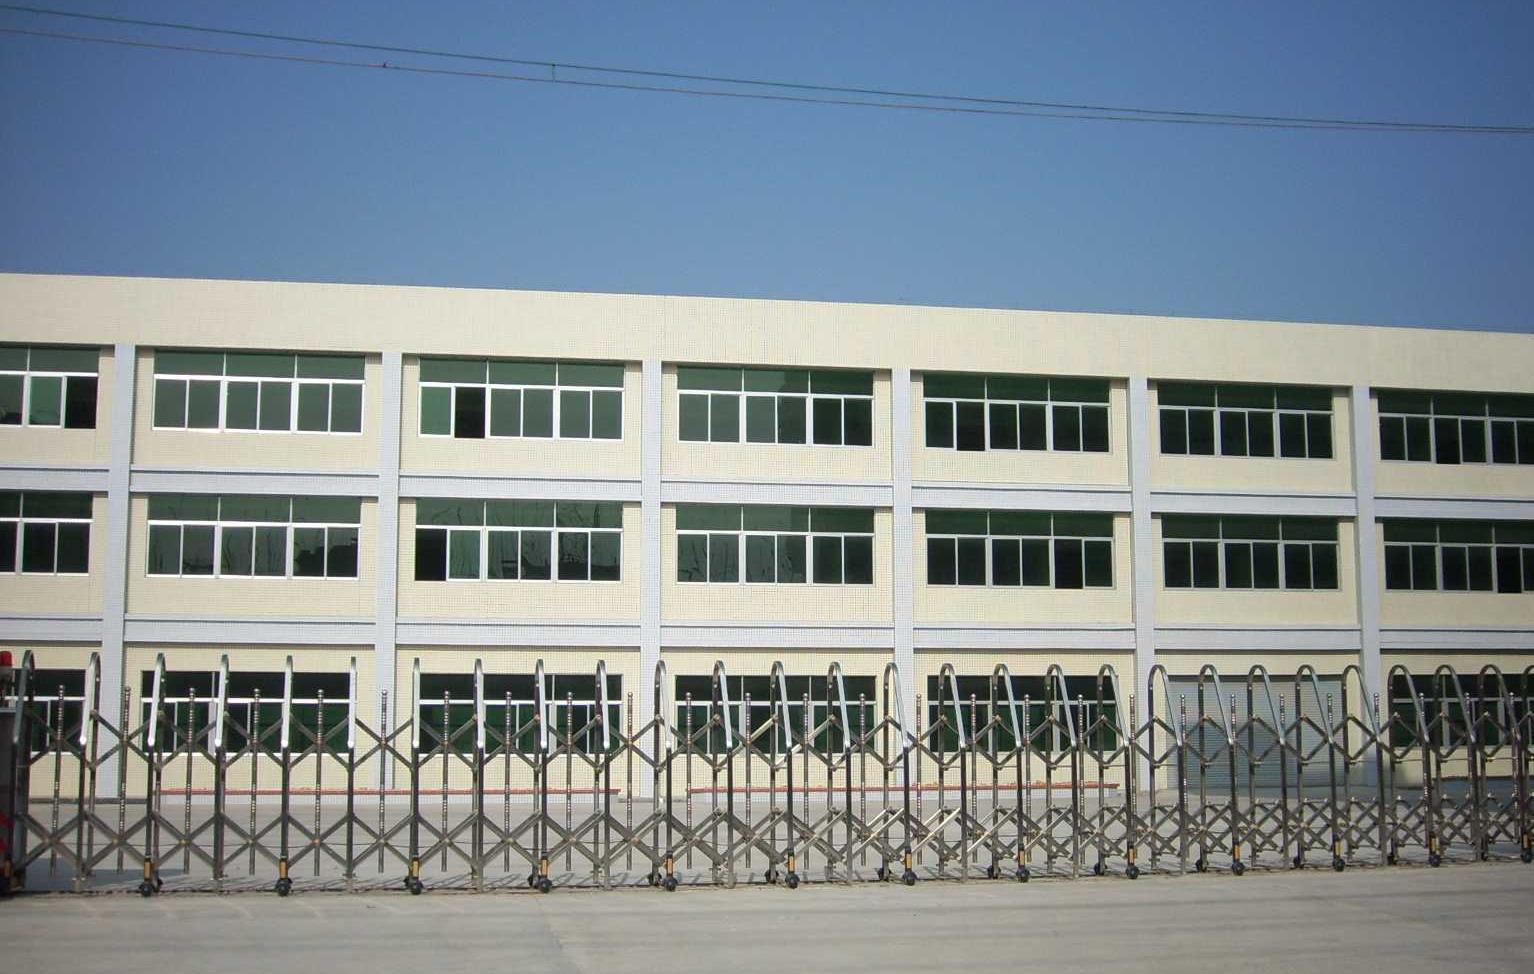 钢结构厂房装修效果图; x团装修网 装修效果图 钢结构厂房装修效果图